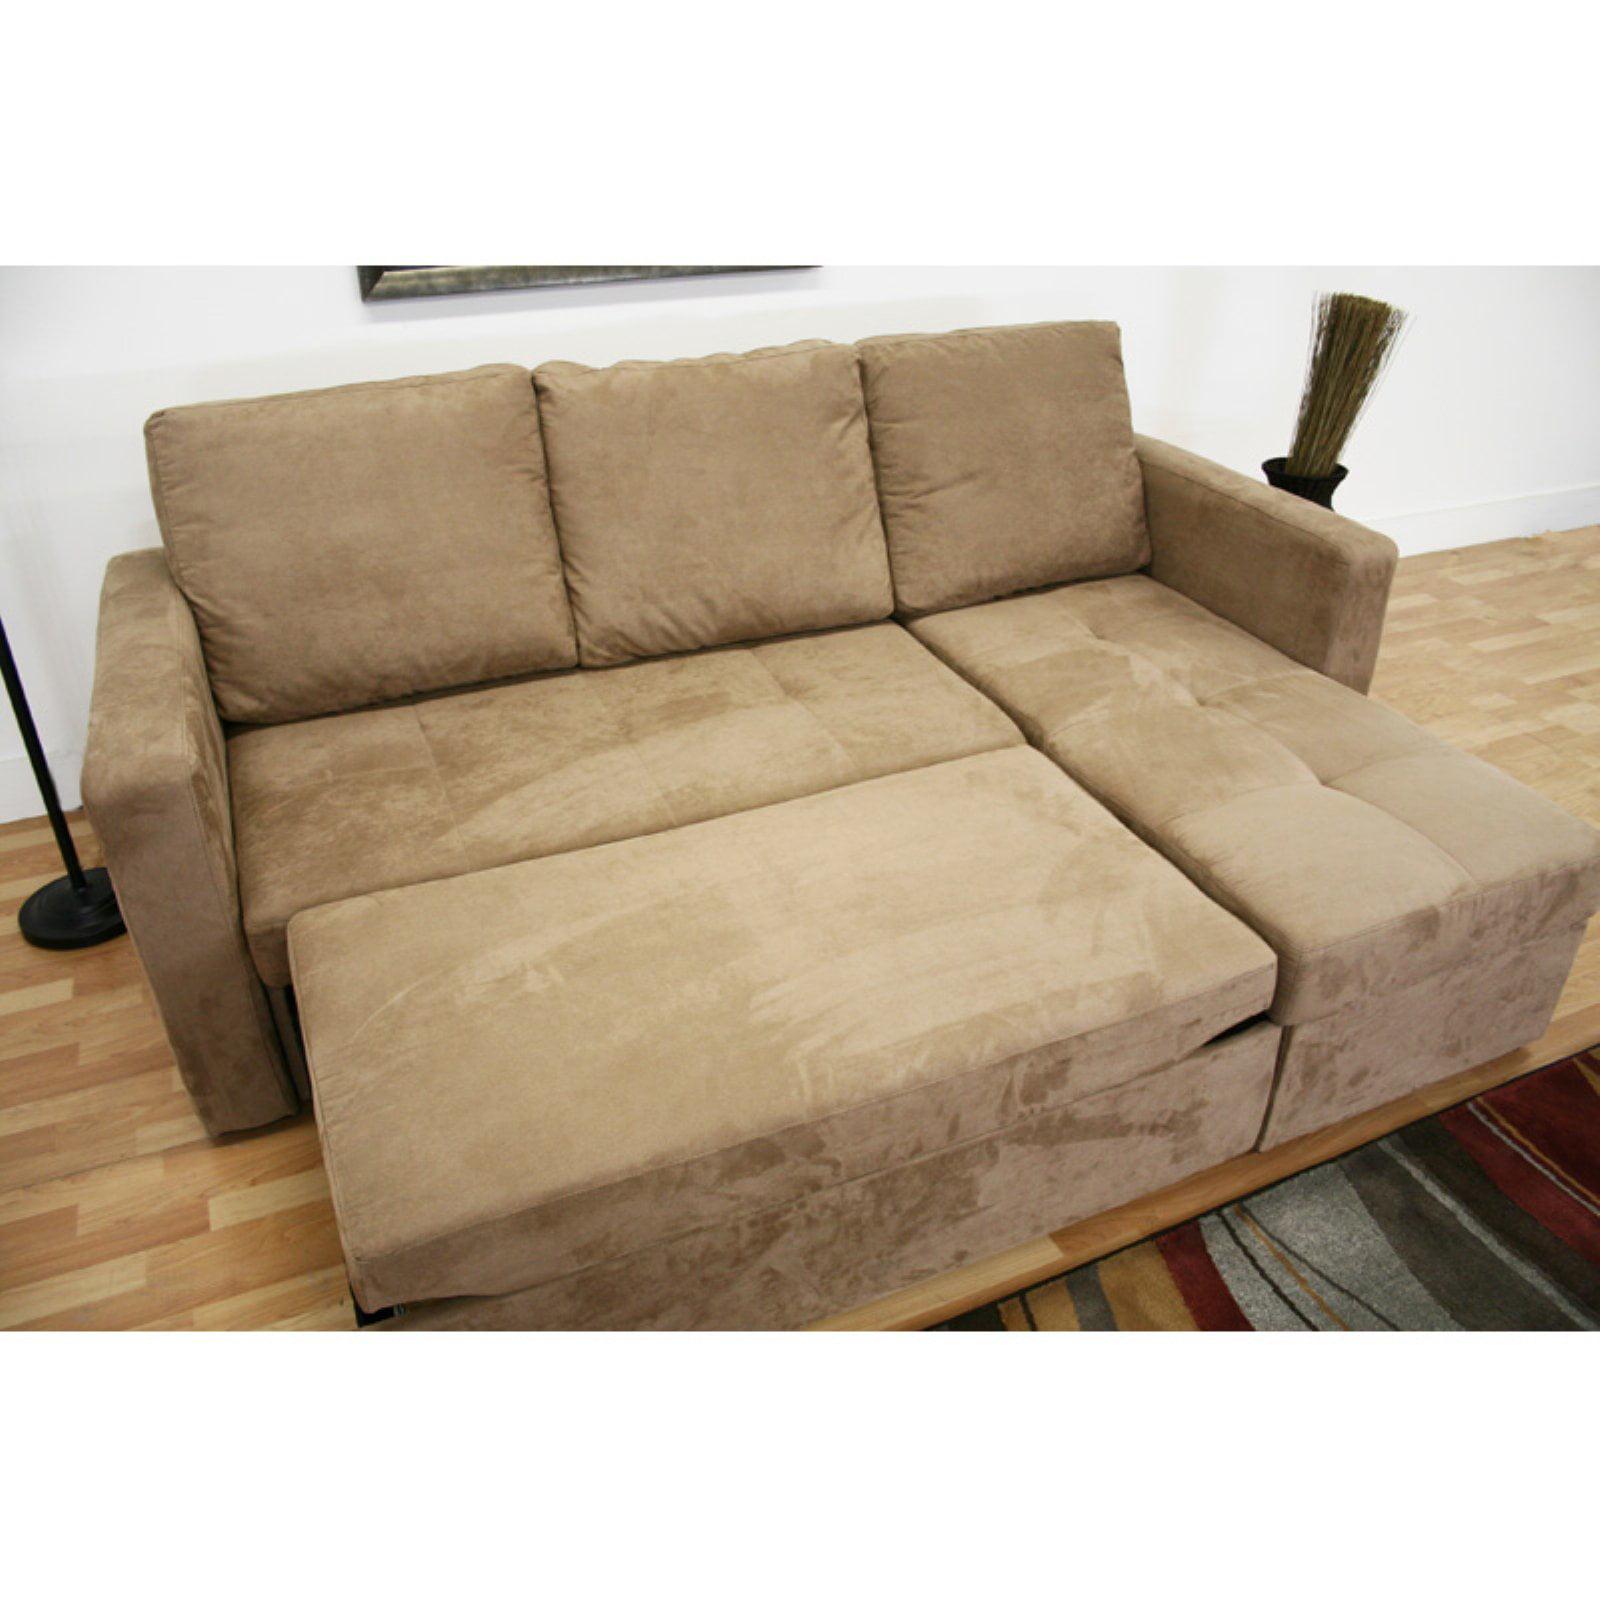 Baxton Studio Linden Tan Microfiber Convertible Sectional Sofa